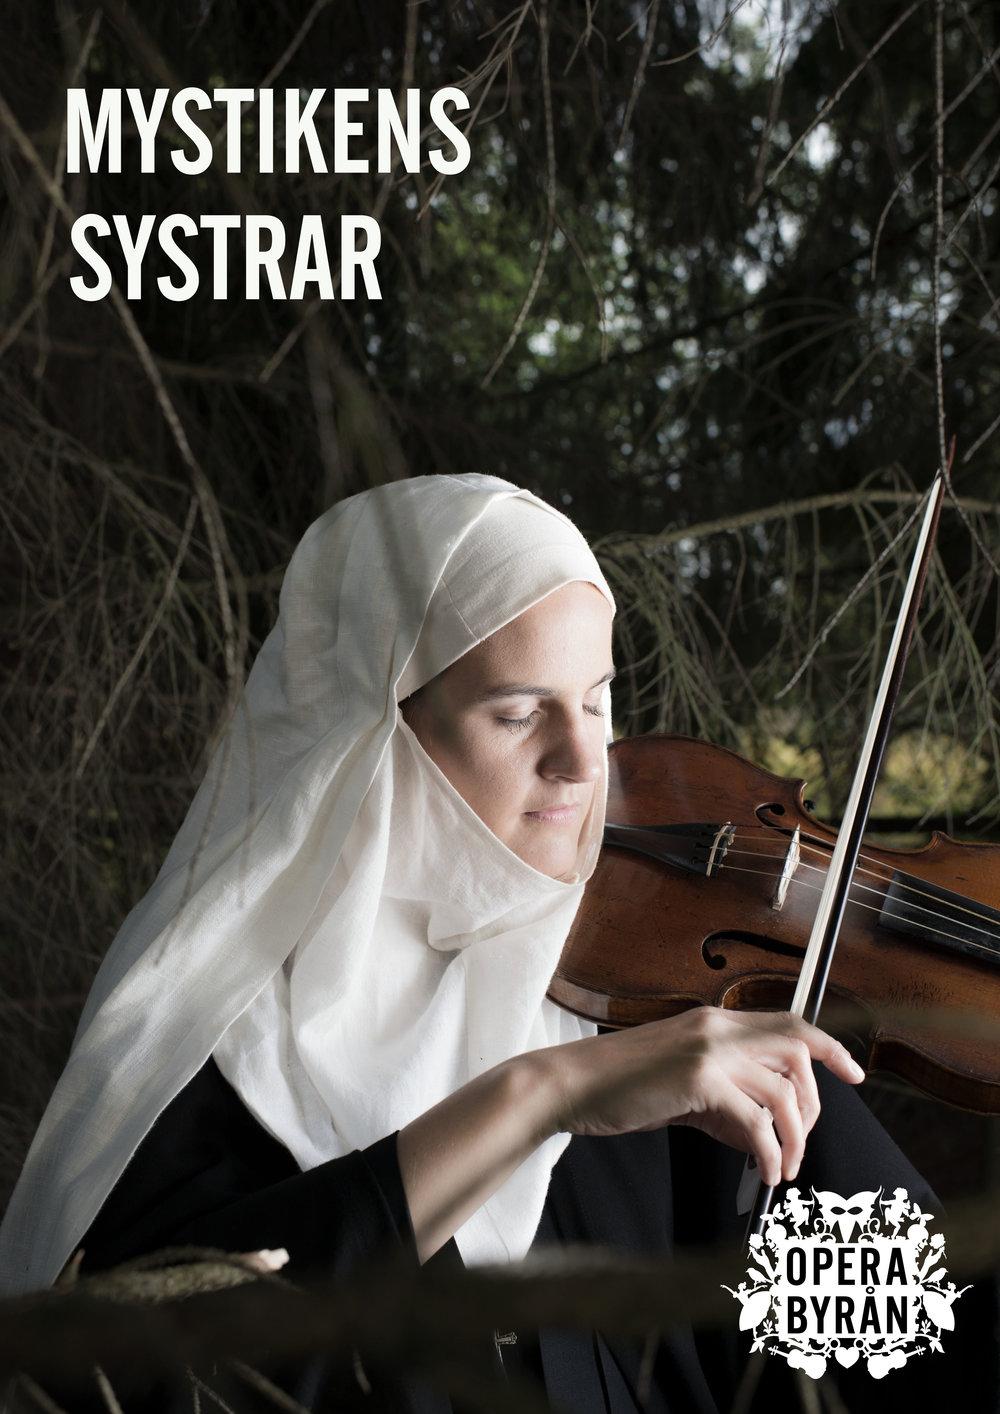 MYSTIKENS_SYSTRAR_A3ny.jpg